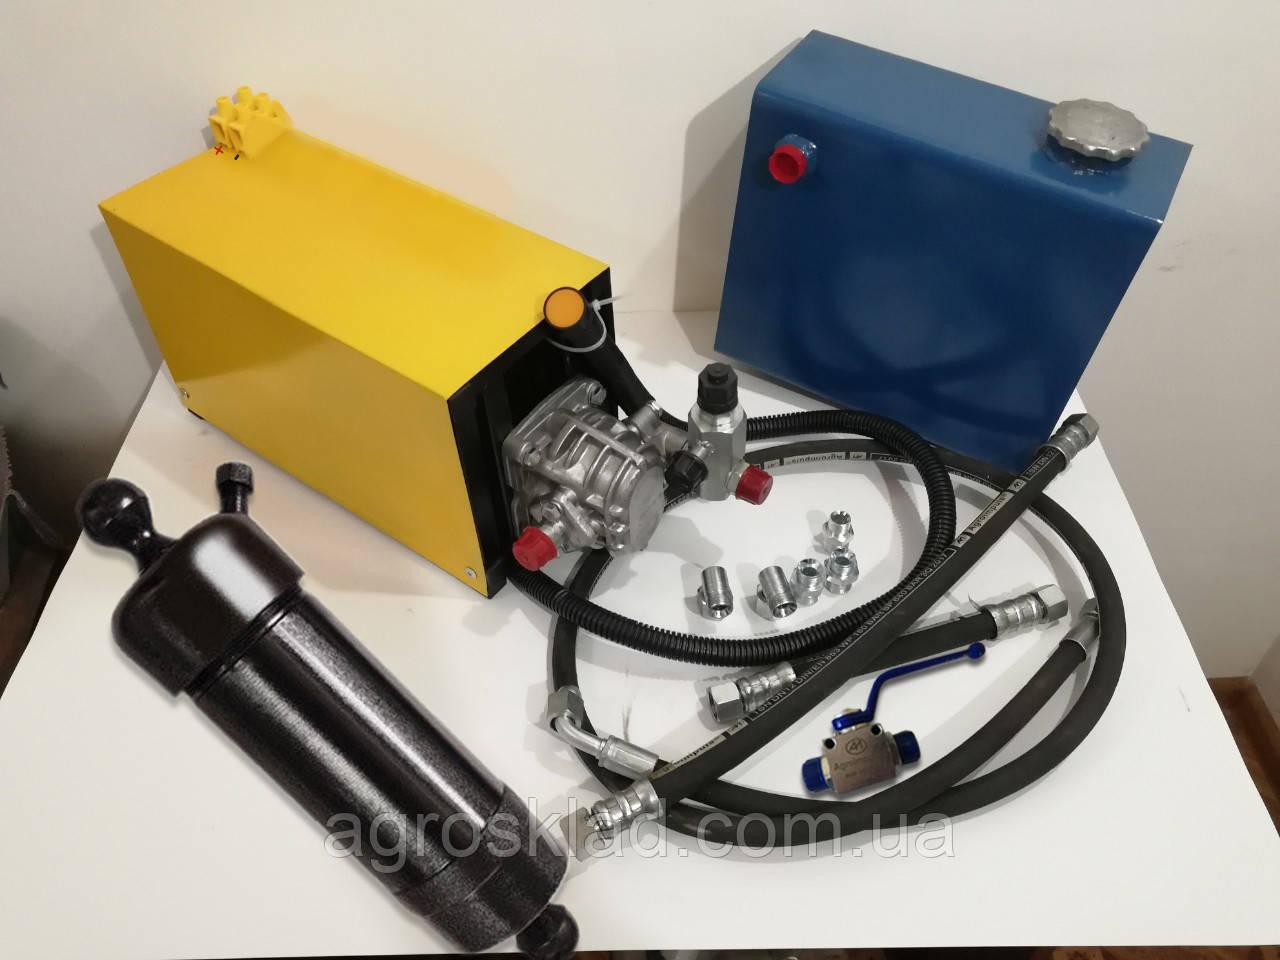 Комплект гидравлики для самосвала на Газель, Уаз и др. грузовые авто